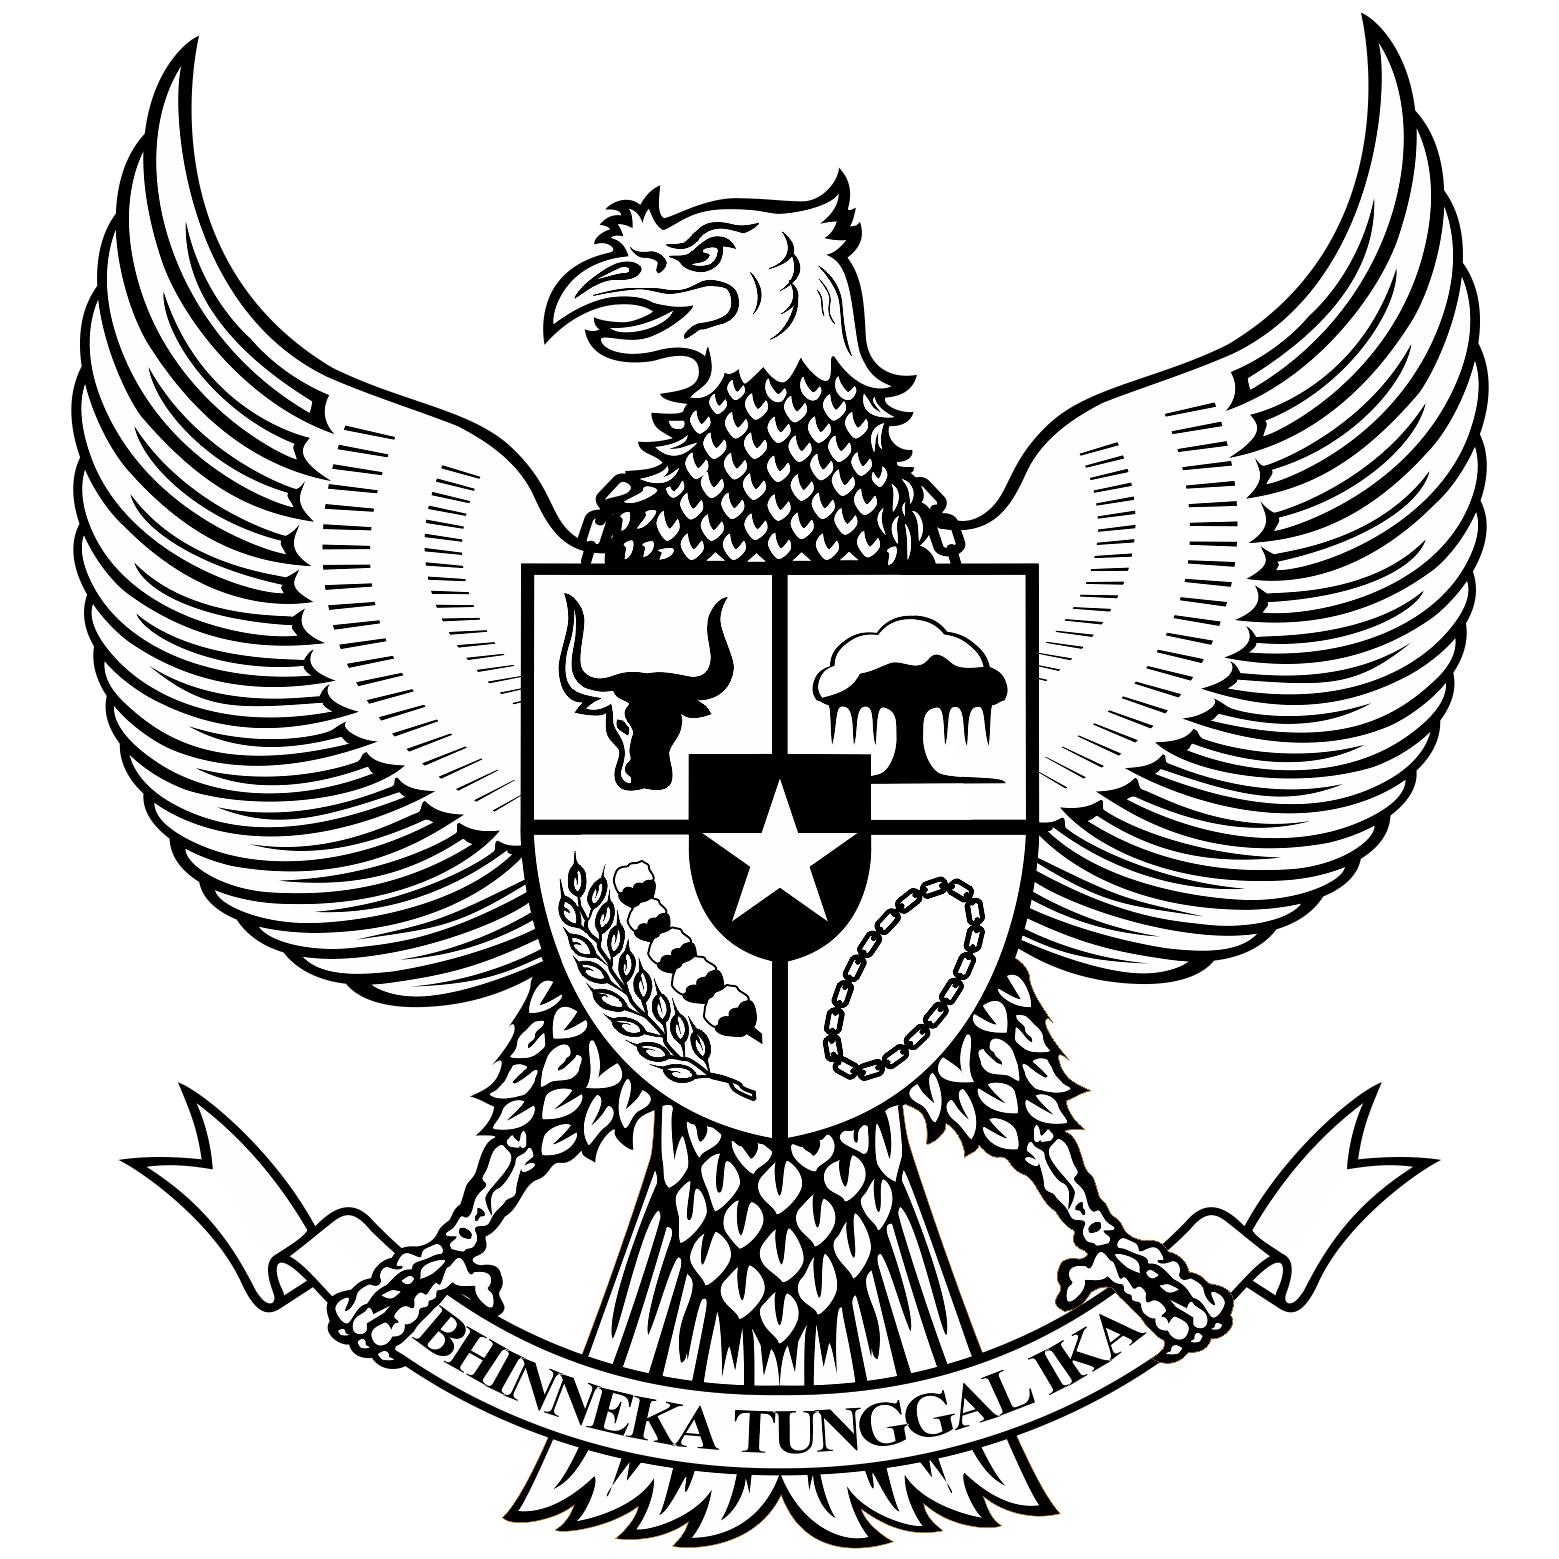 Logo Garuda Pancasila Bw Hitam Putih Buku Mewarnai Lambang Negara Artis Bertato